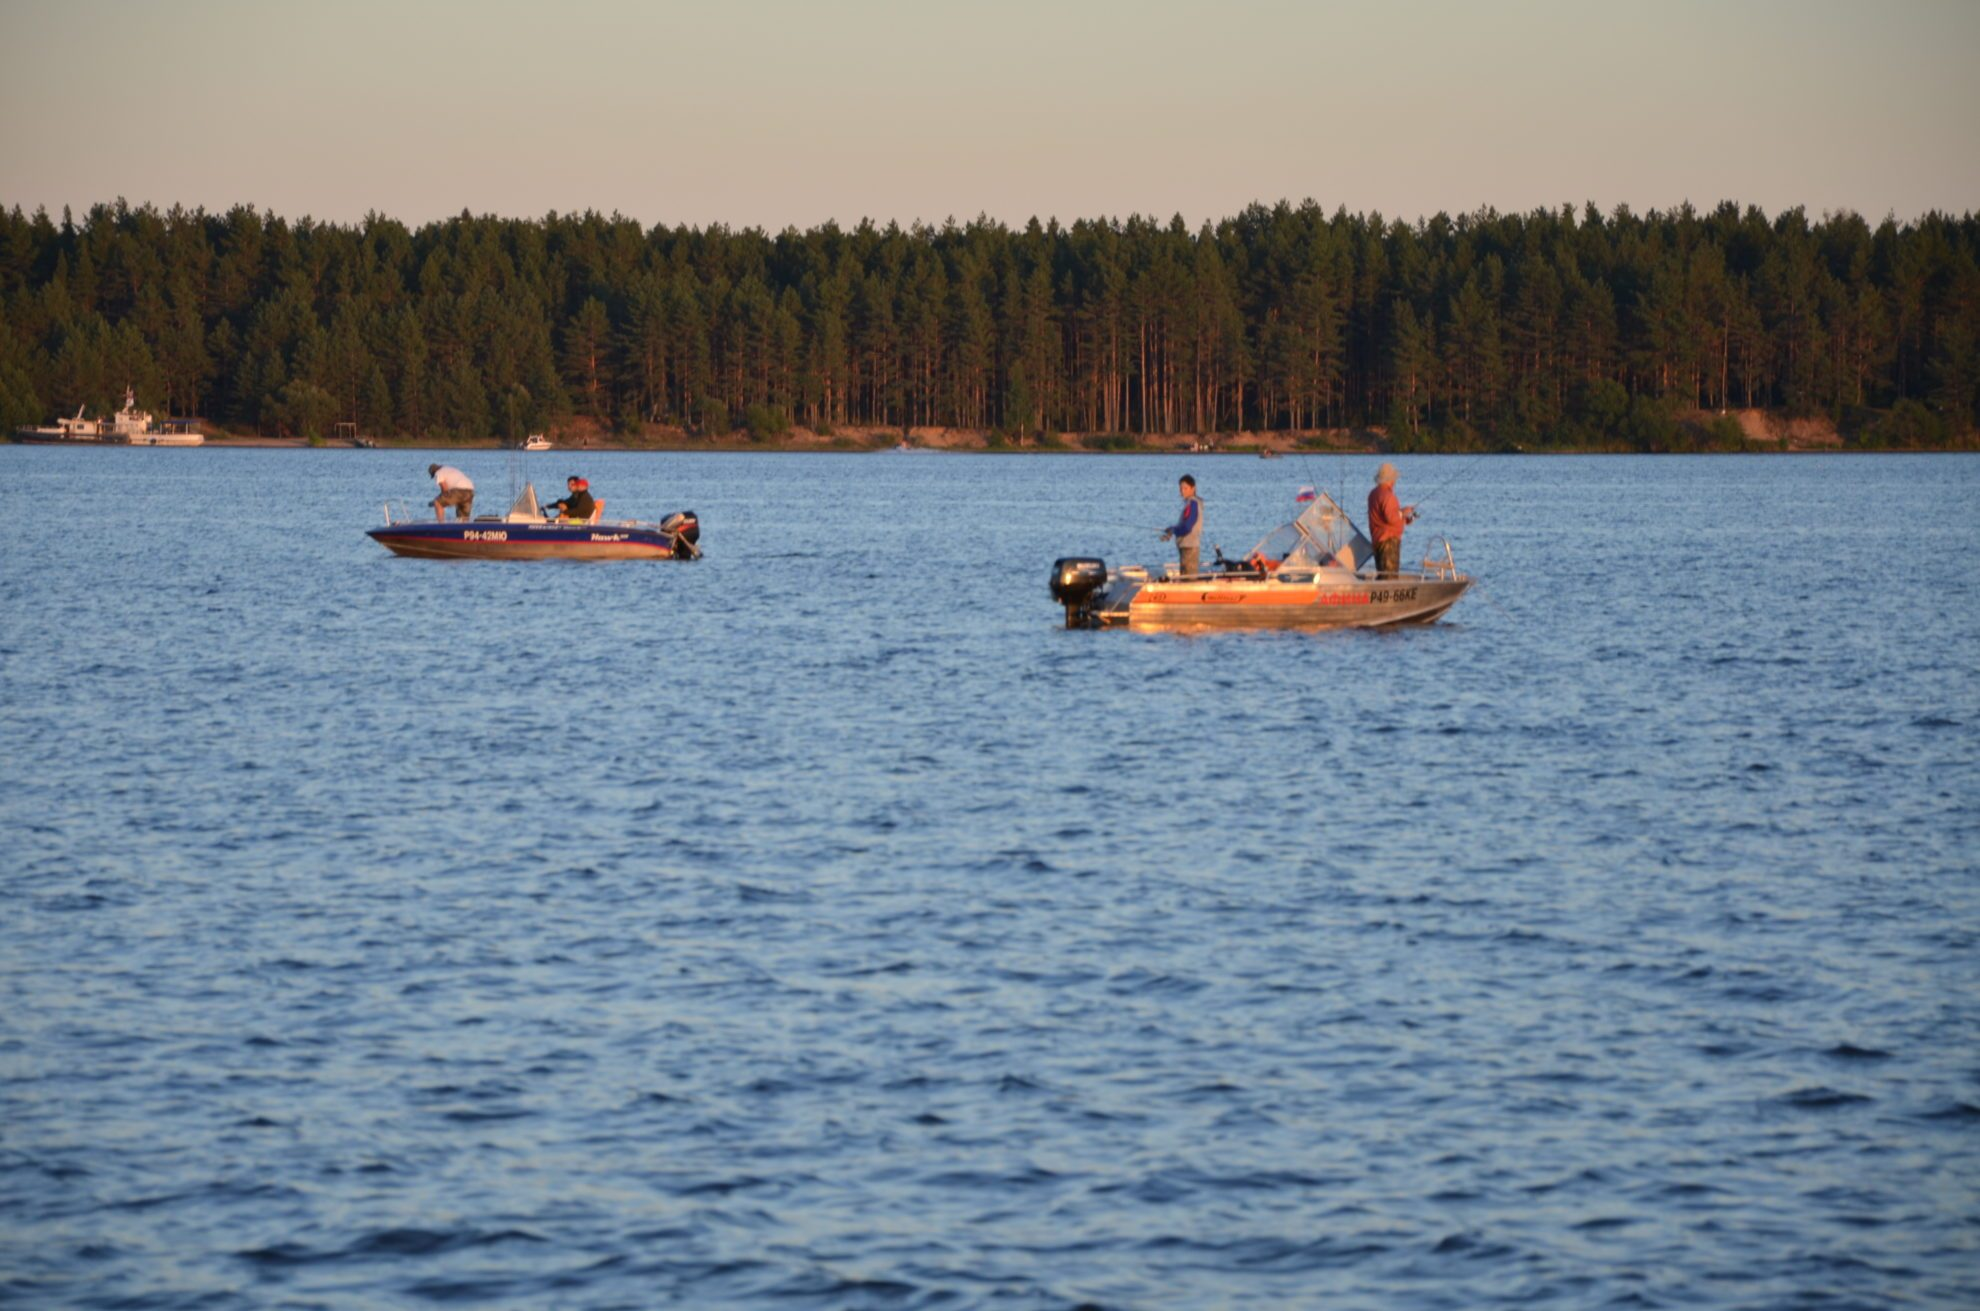 закат, волга, медведица, река, рыбаки